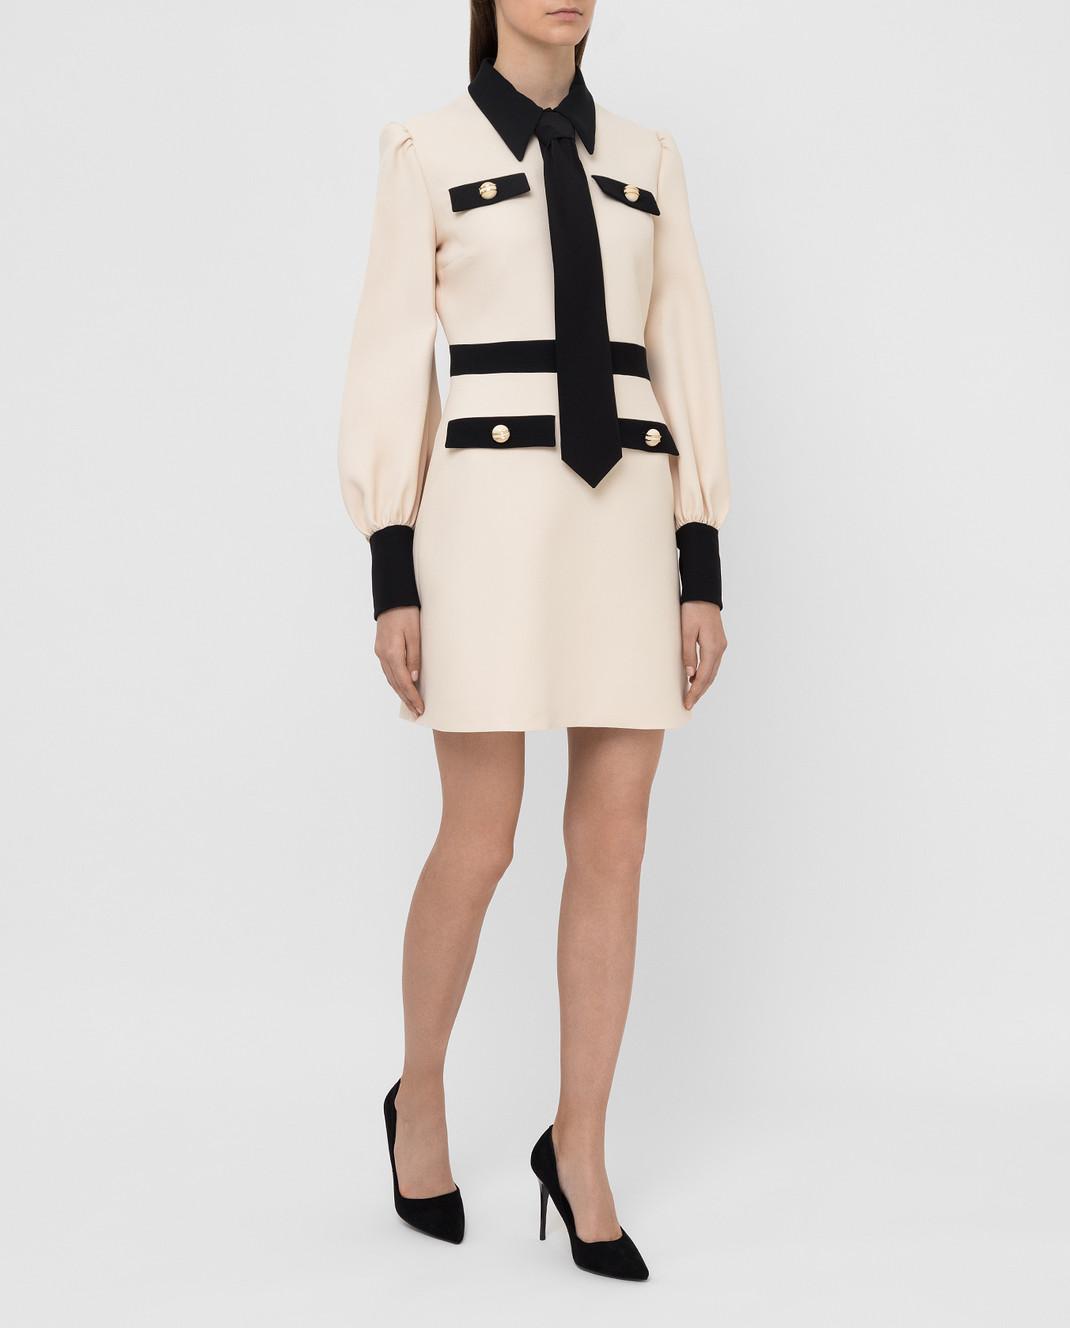 Gucci Светло-бежевое платье 595257 изображение 2